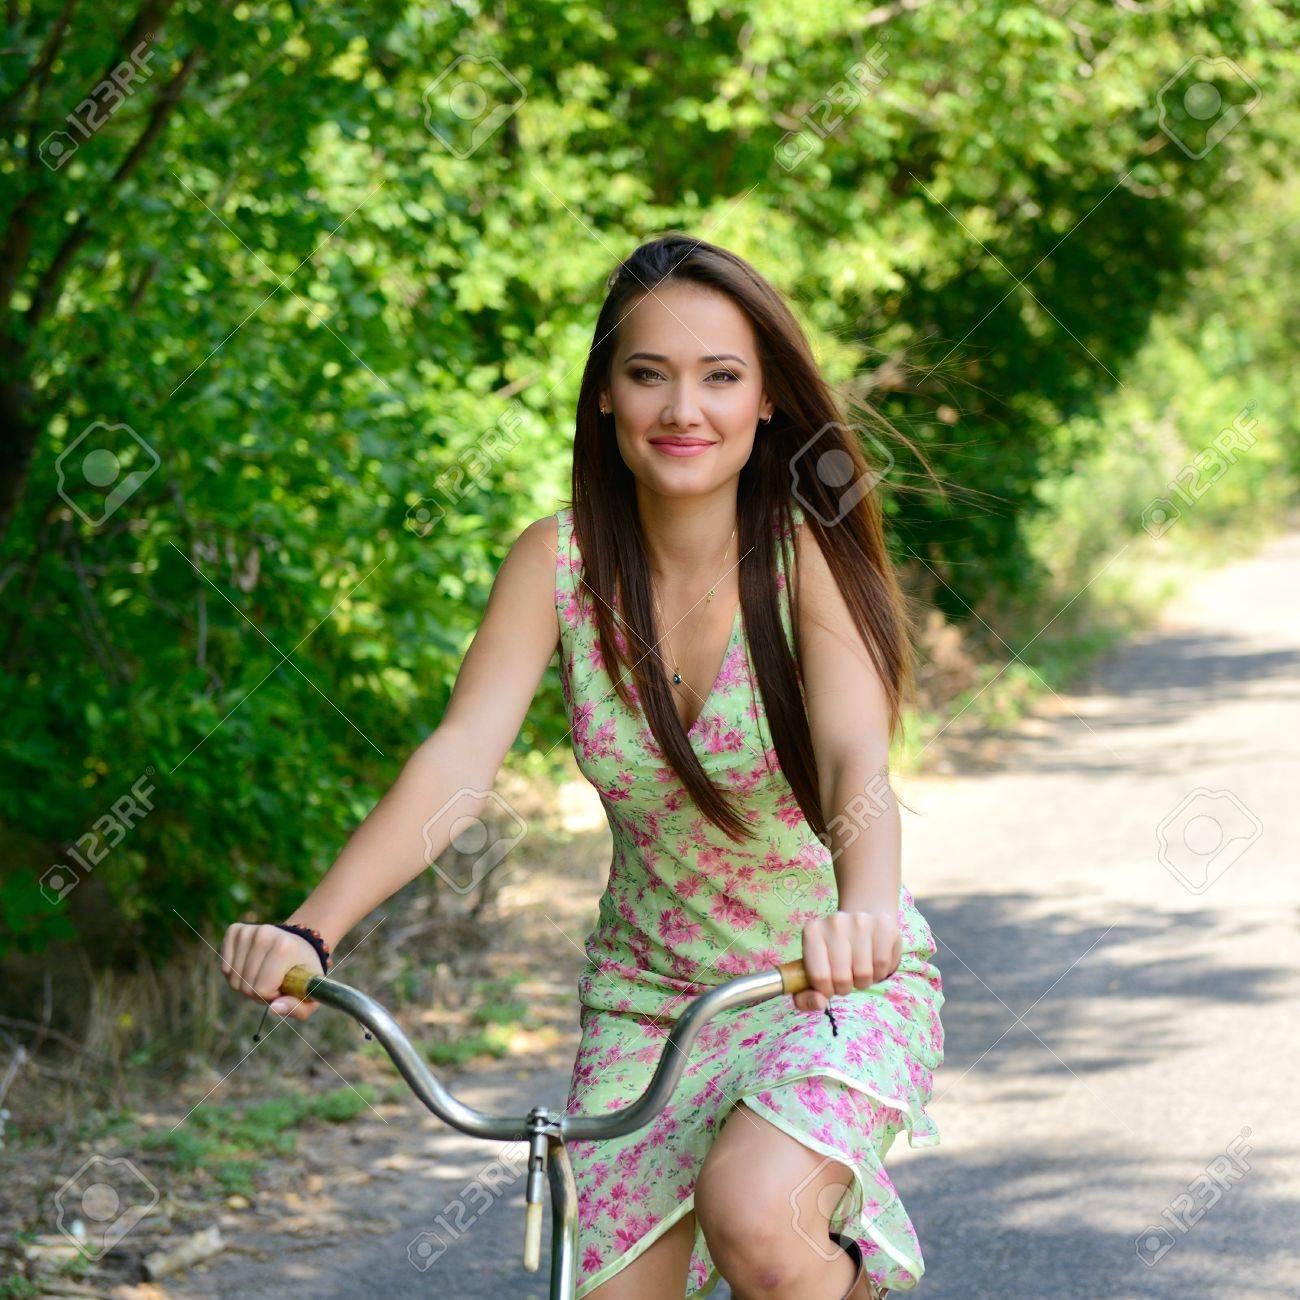 0a3a63a18d34 Glückliche junge schöne Frau mit retro Fahrrad, im Sommer im Freien  Standard-Bild -